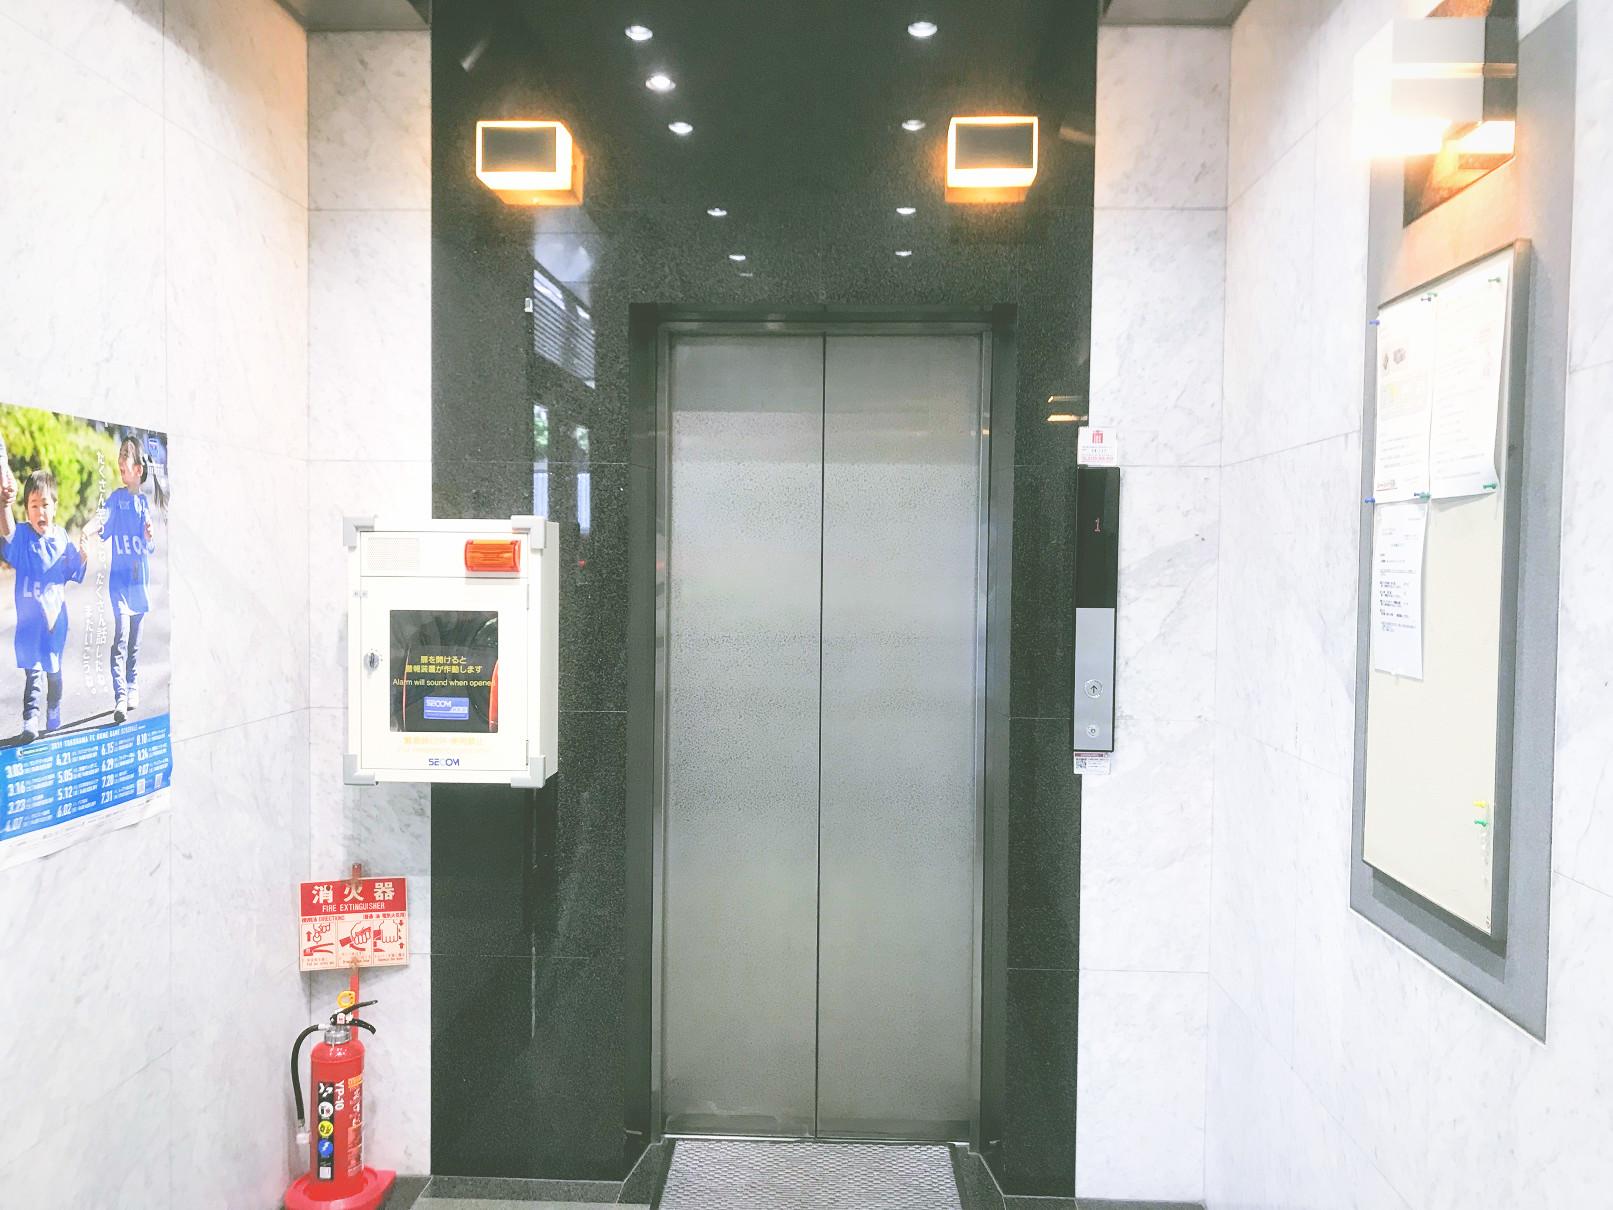 セルフエステデアイム横浜店体験談口コミレポ